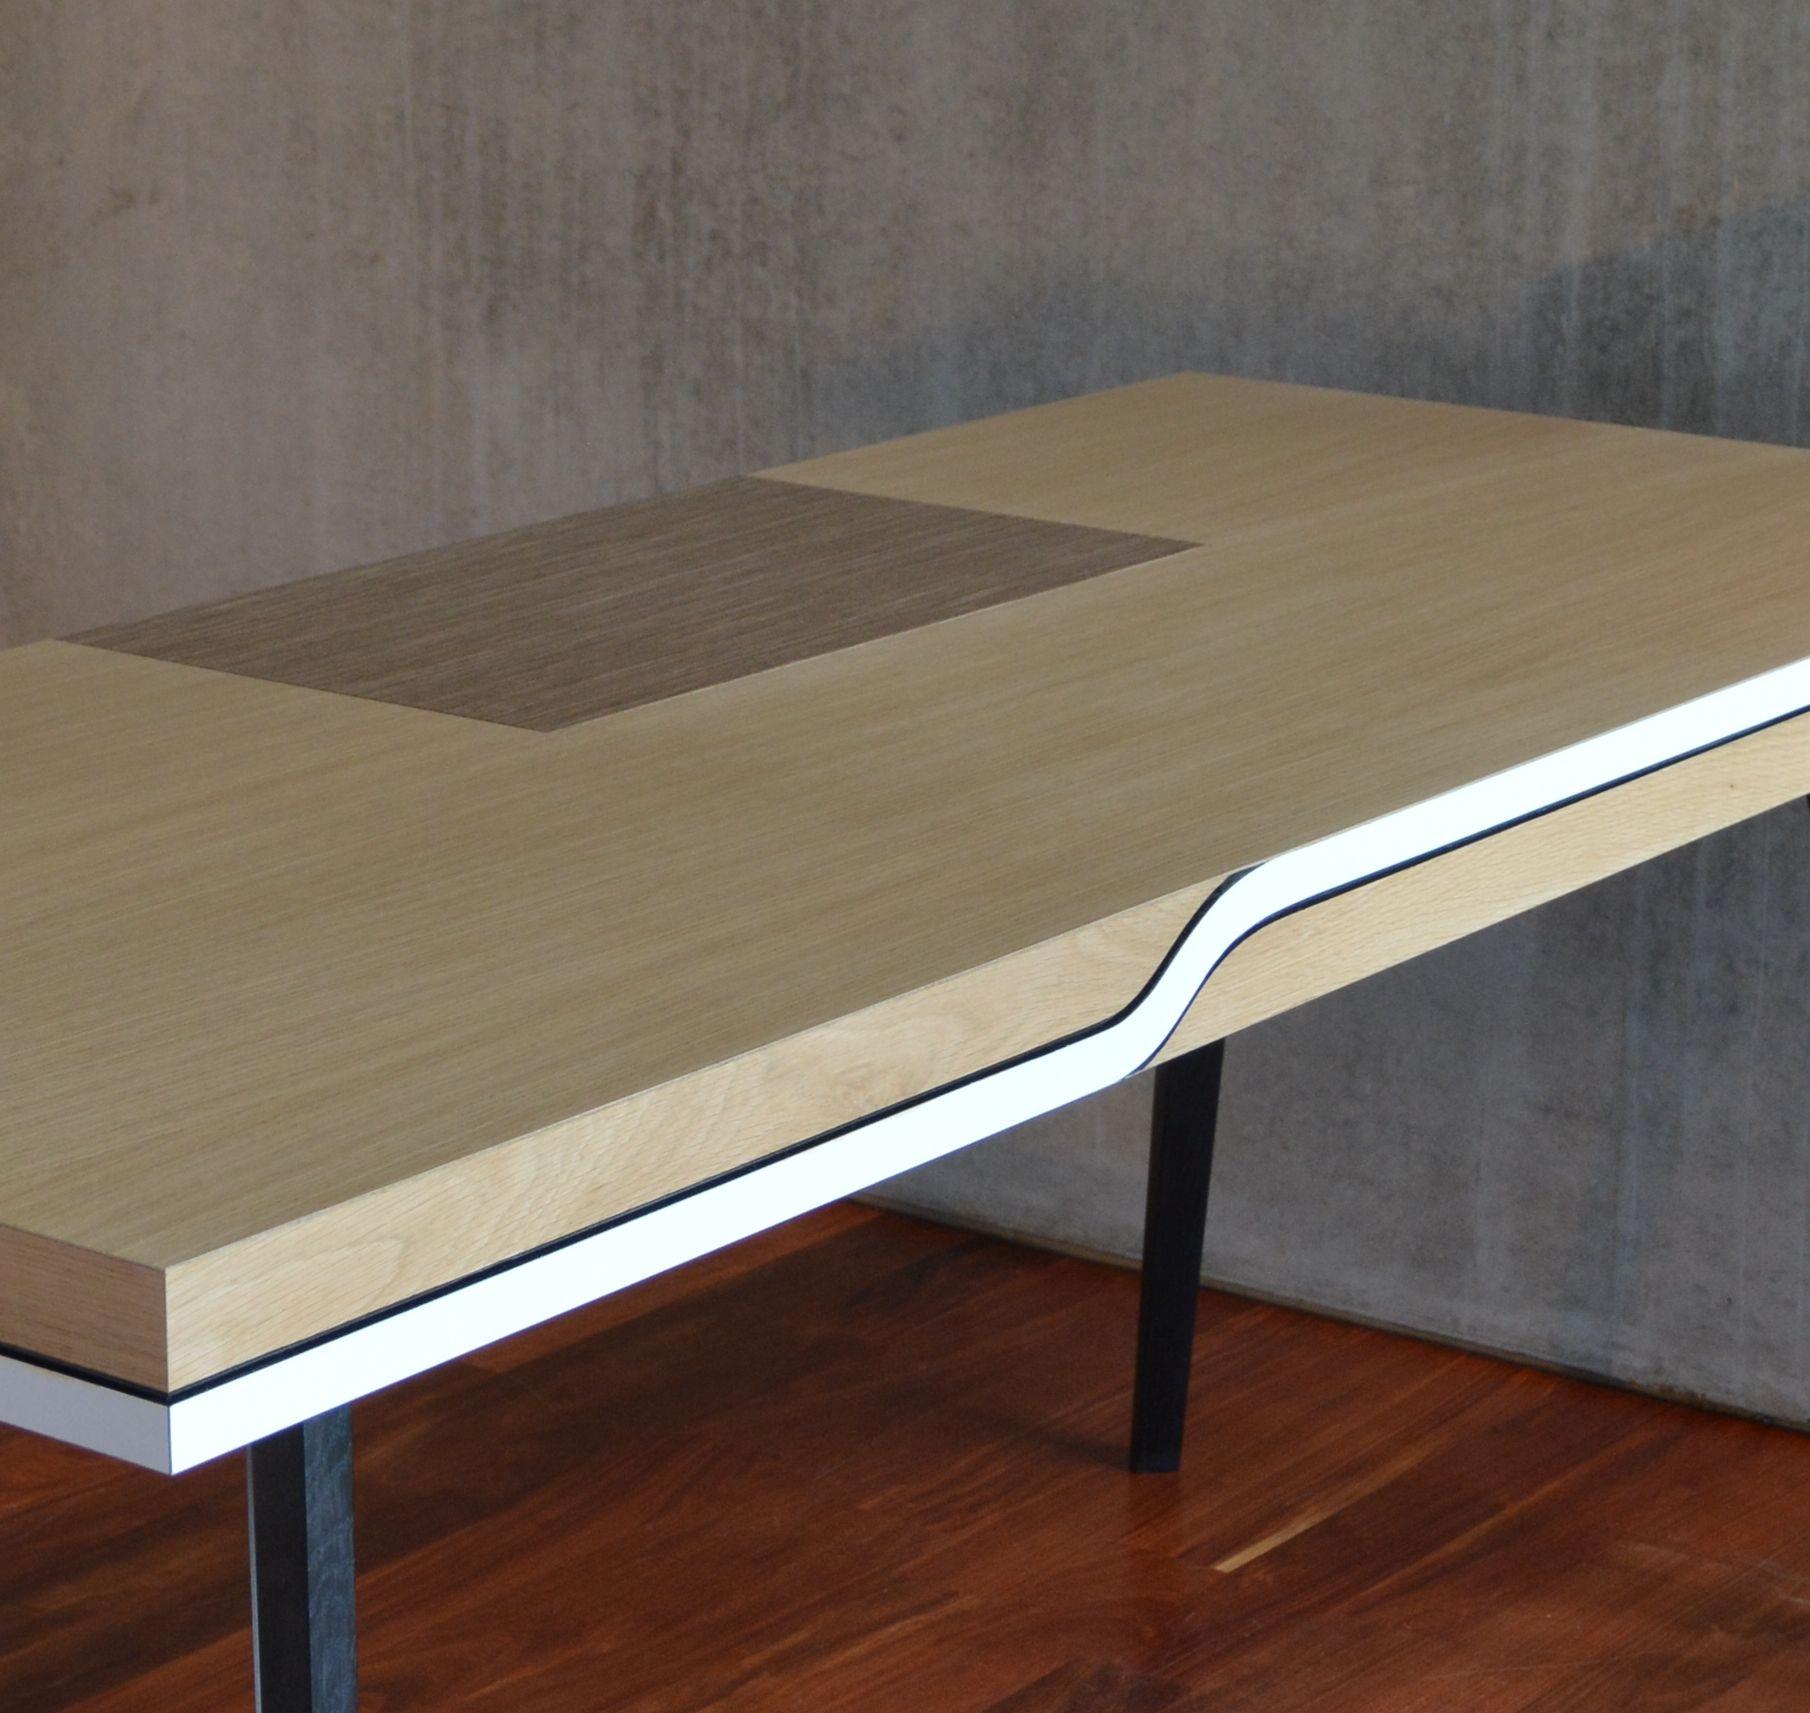 plateau de bureau sur mesure bureaux agencement vannes. Black Bedroom Furniture Sets. Home Design Ideas